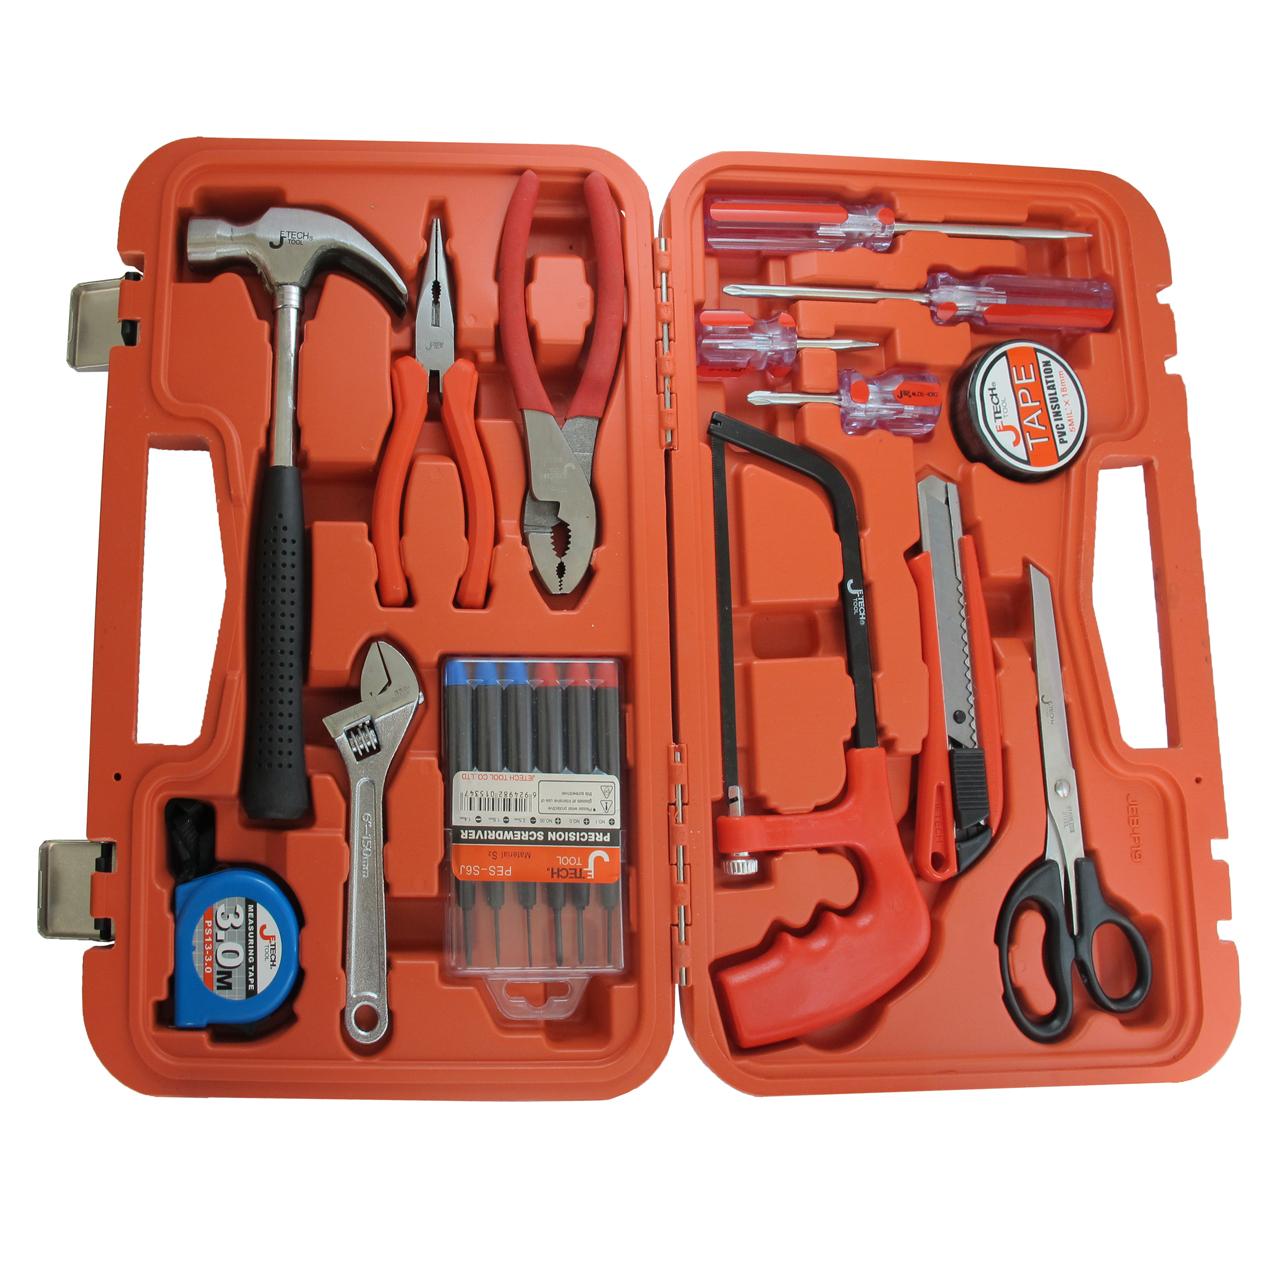 مجموعه 14 عددی ابزار با جعبه ابزار صامو پرشین مدل G 348